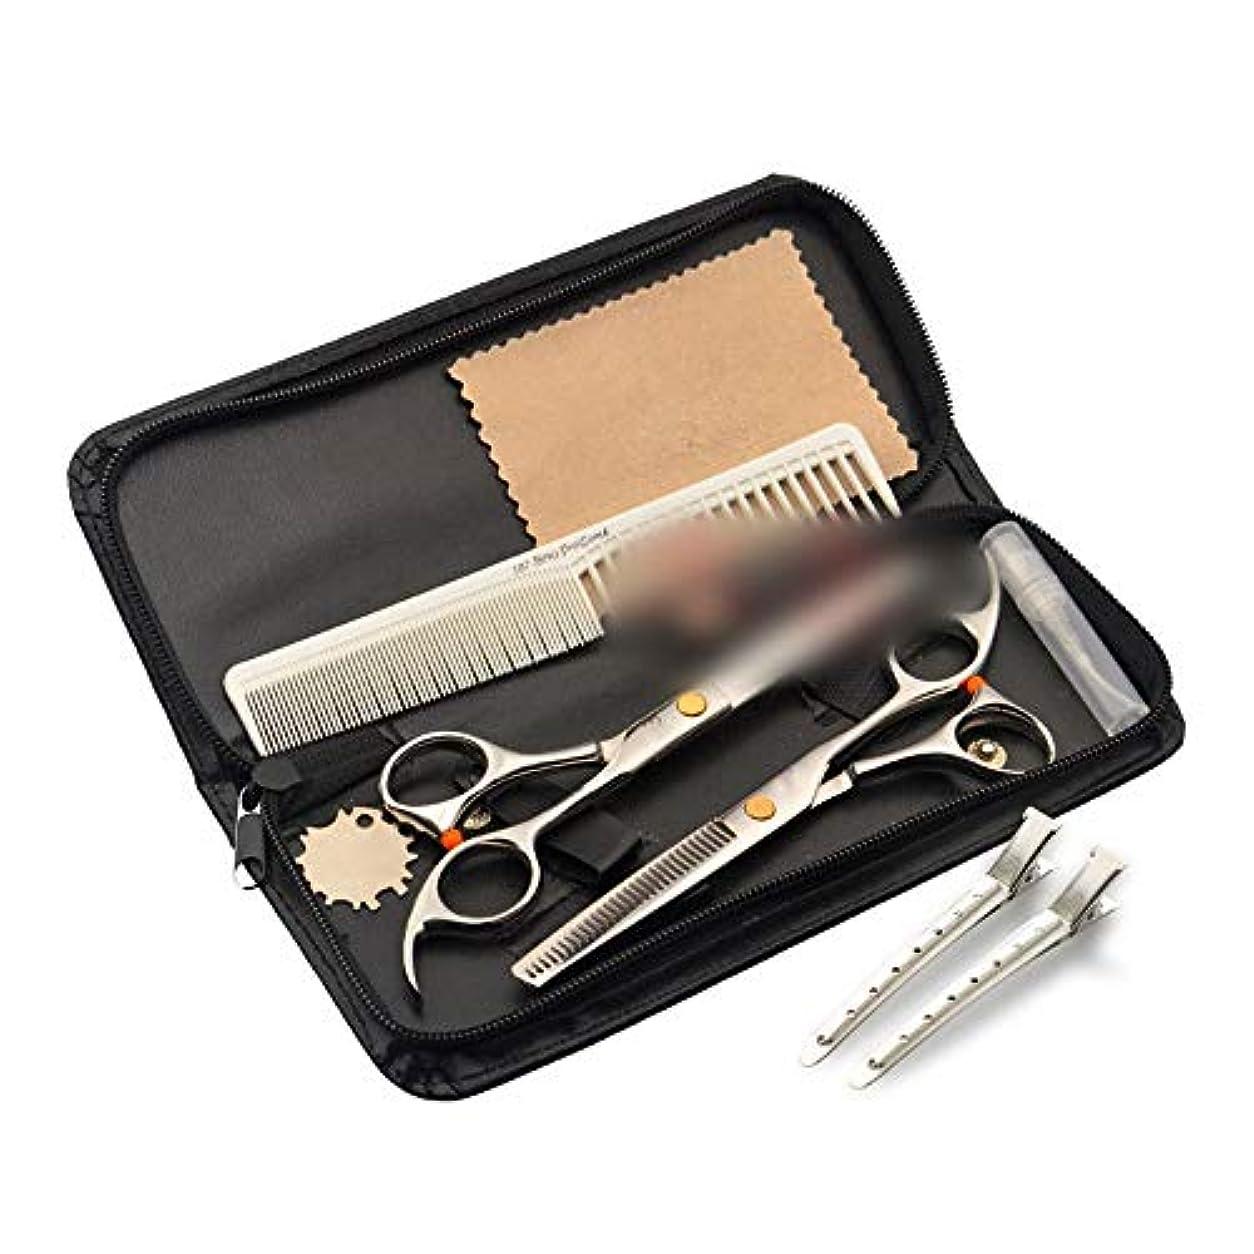 ホステル把握達成Goodsok-jp 6.0インチのプロの理髪はさみセット、平らなはさみの歯のプロの理髪はさみツール (色 : ゴールド)